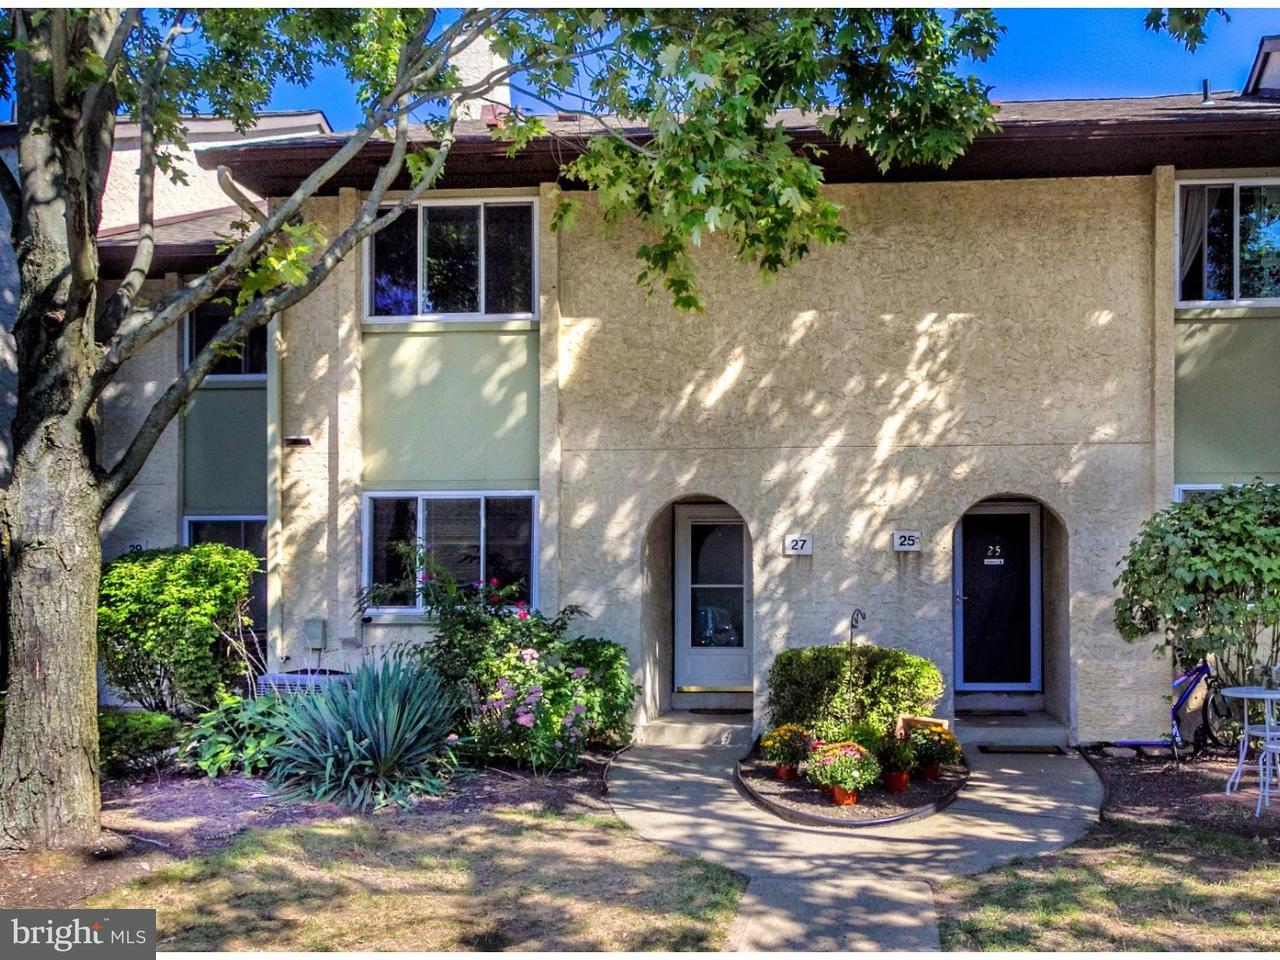 Casa unifamiliar adosada (Townhouse) por un Alquiler en 27 TENNYSON Drive Plainsboro, Nueva Jersey 08536 Estados UnidosEn/Alrededor: Plainsboro Township